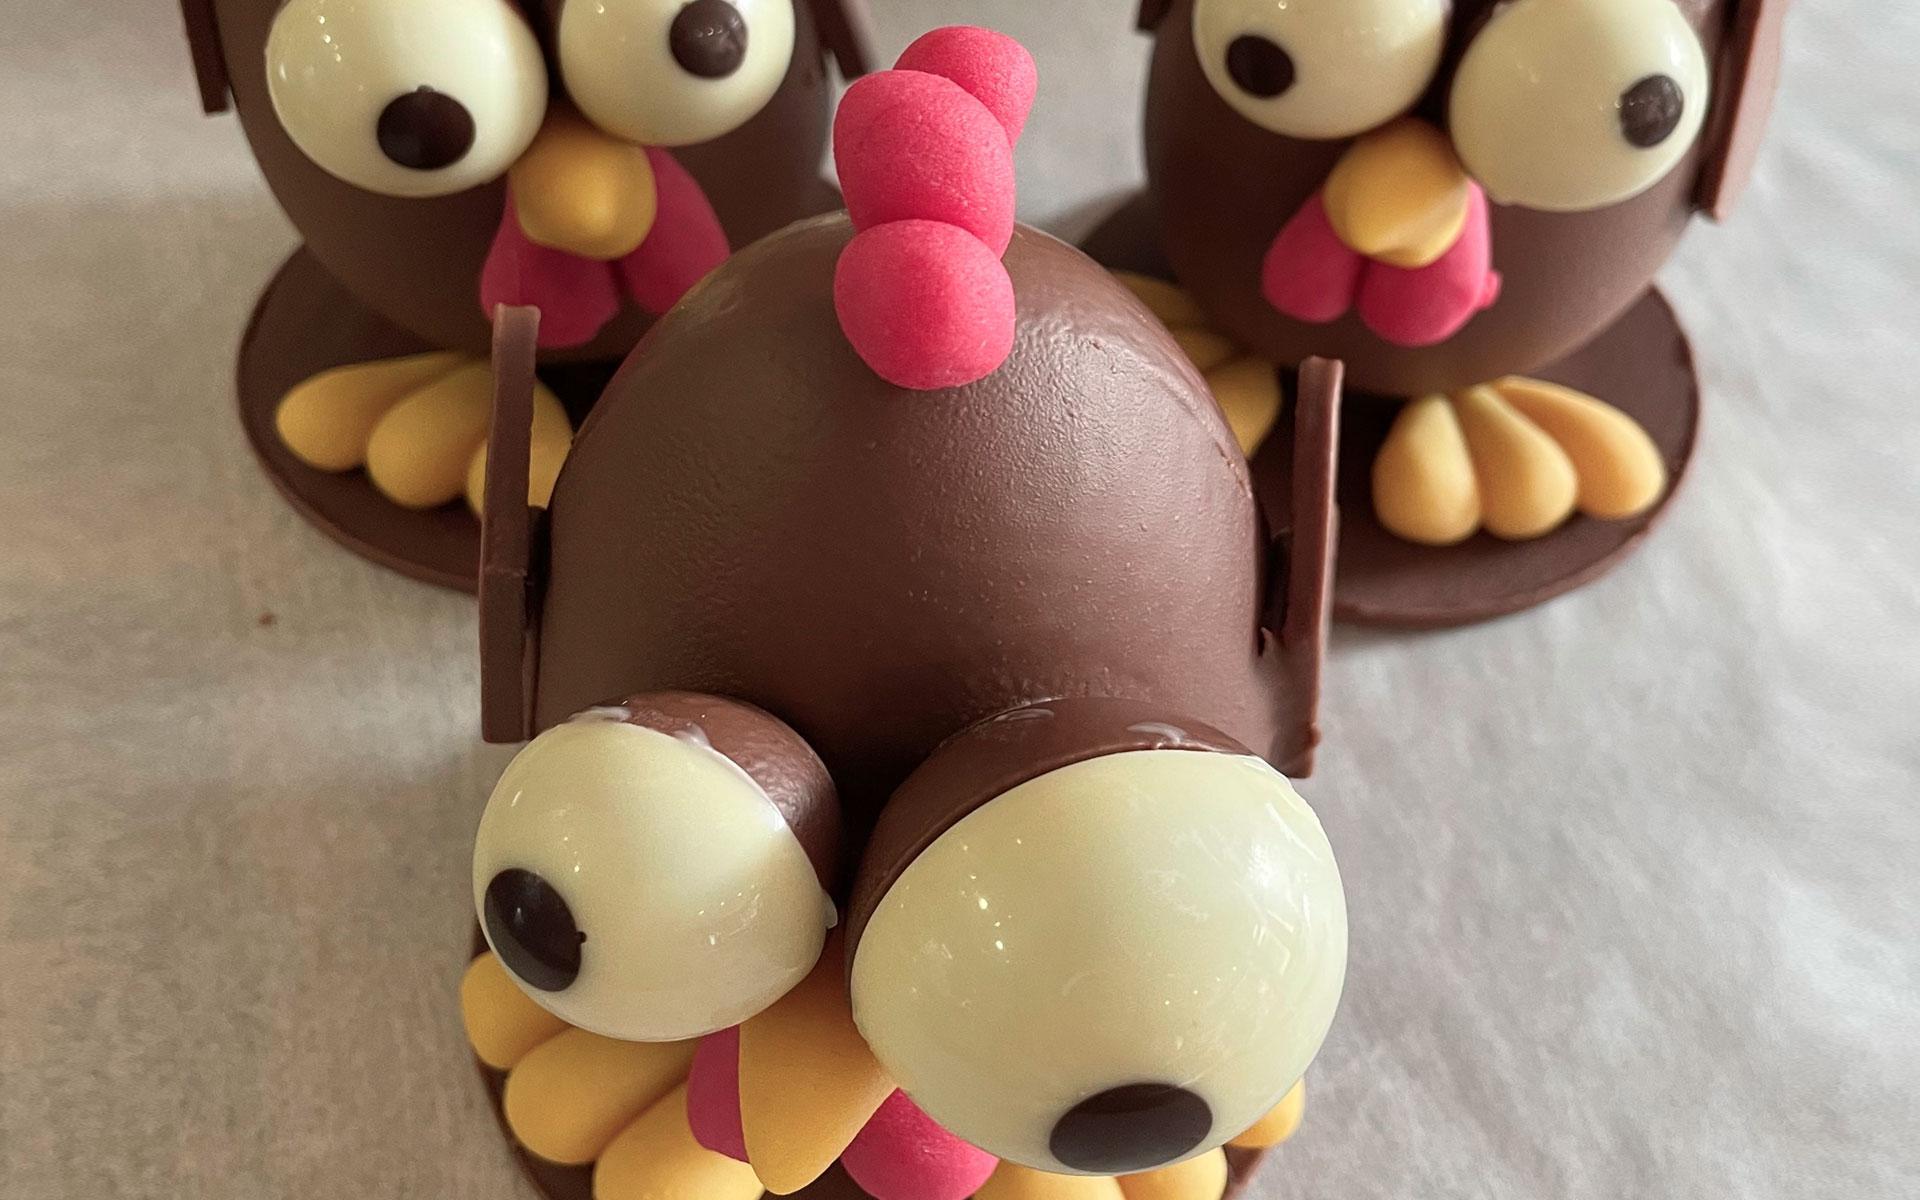 Poules en chocolat pas cônes pour Pâques